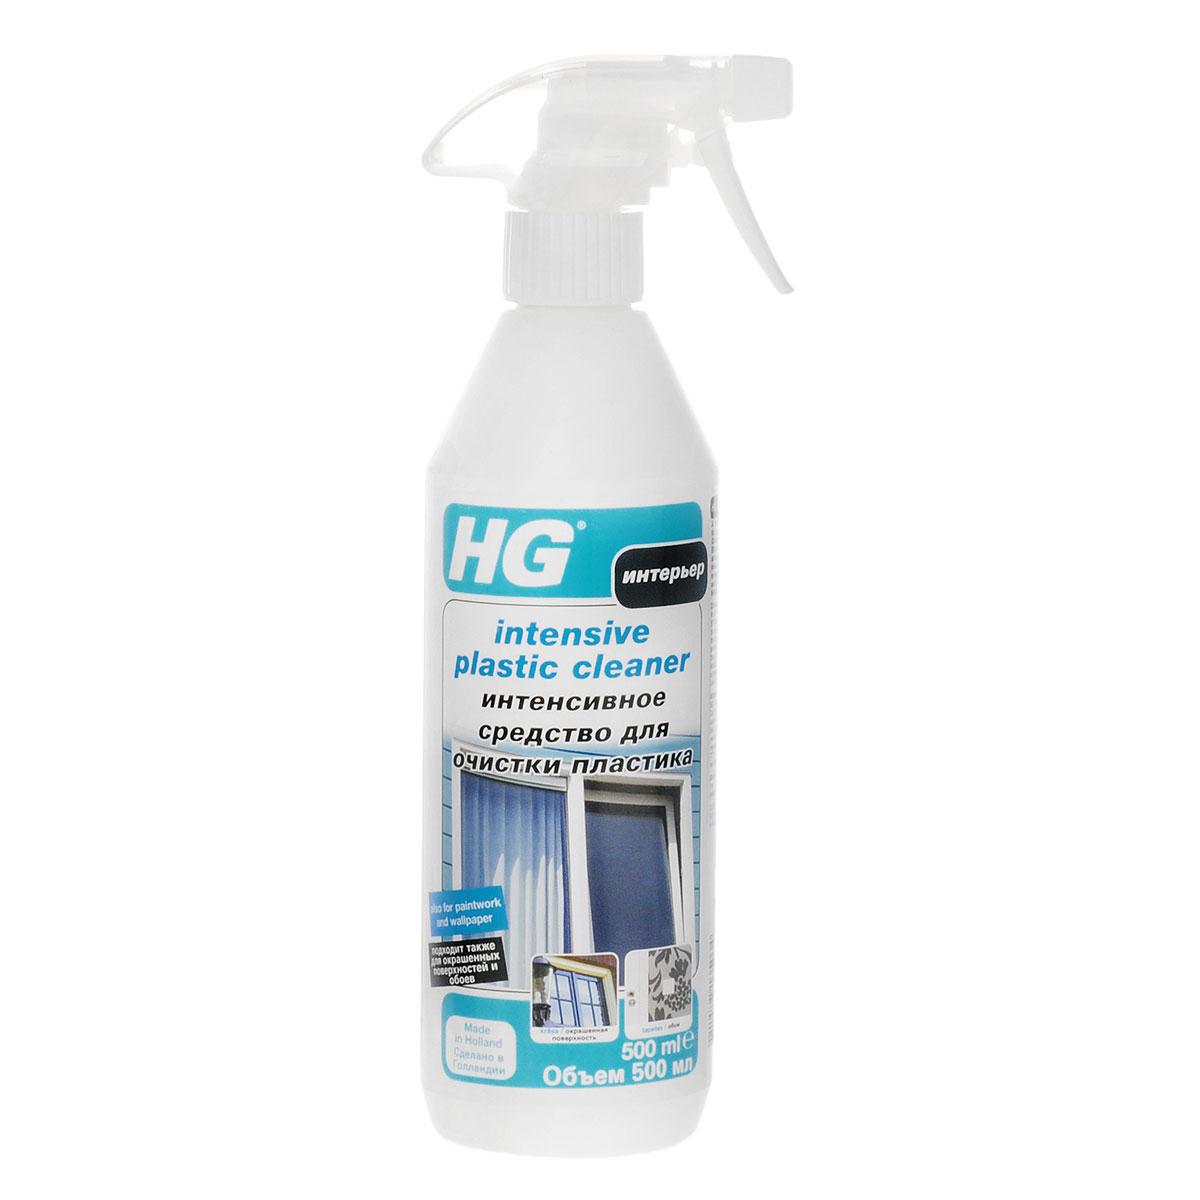 Средство HG для очистки пластика, обоев и окрашенных стен, 500 мл209050161Интенсивное чистящее средство HG для удаления следов атмосферных осадков, никотиновых пятен, пыли и других въевшихся загрязнений не вызывает обесцвечивания поверхности. Идеально подходит для очистки поверхностей из пластмассы и пластика (подоконник, оконные рамы, МДФ, ламинированный пластик), моющихся обоев, плакирования, жалюзи. Применение: для пластмассовых поверхностей, моющихся обоев. Инструкции по применению: Поверните насадку спрея в четверть оборота в положение STREAM/SPRAY, нанесите средство непосредственно на поверхность либо с помощью матерчатой салфетки и оставьте действовать несколько минут. Затем протрите поверхность бумажным полотенцем или матерчатой салфеткой. Для удаления въевшихся загрязнений оставьте средство действовать на 10 минут. По окончании очистки поверните насадку спрея в положение OFF.